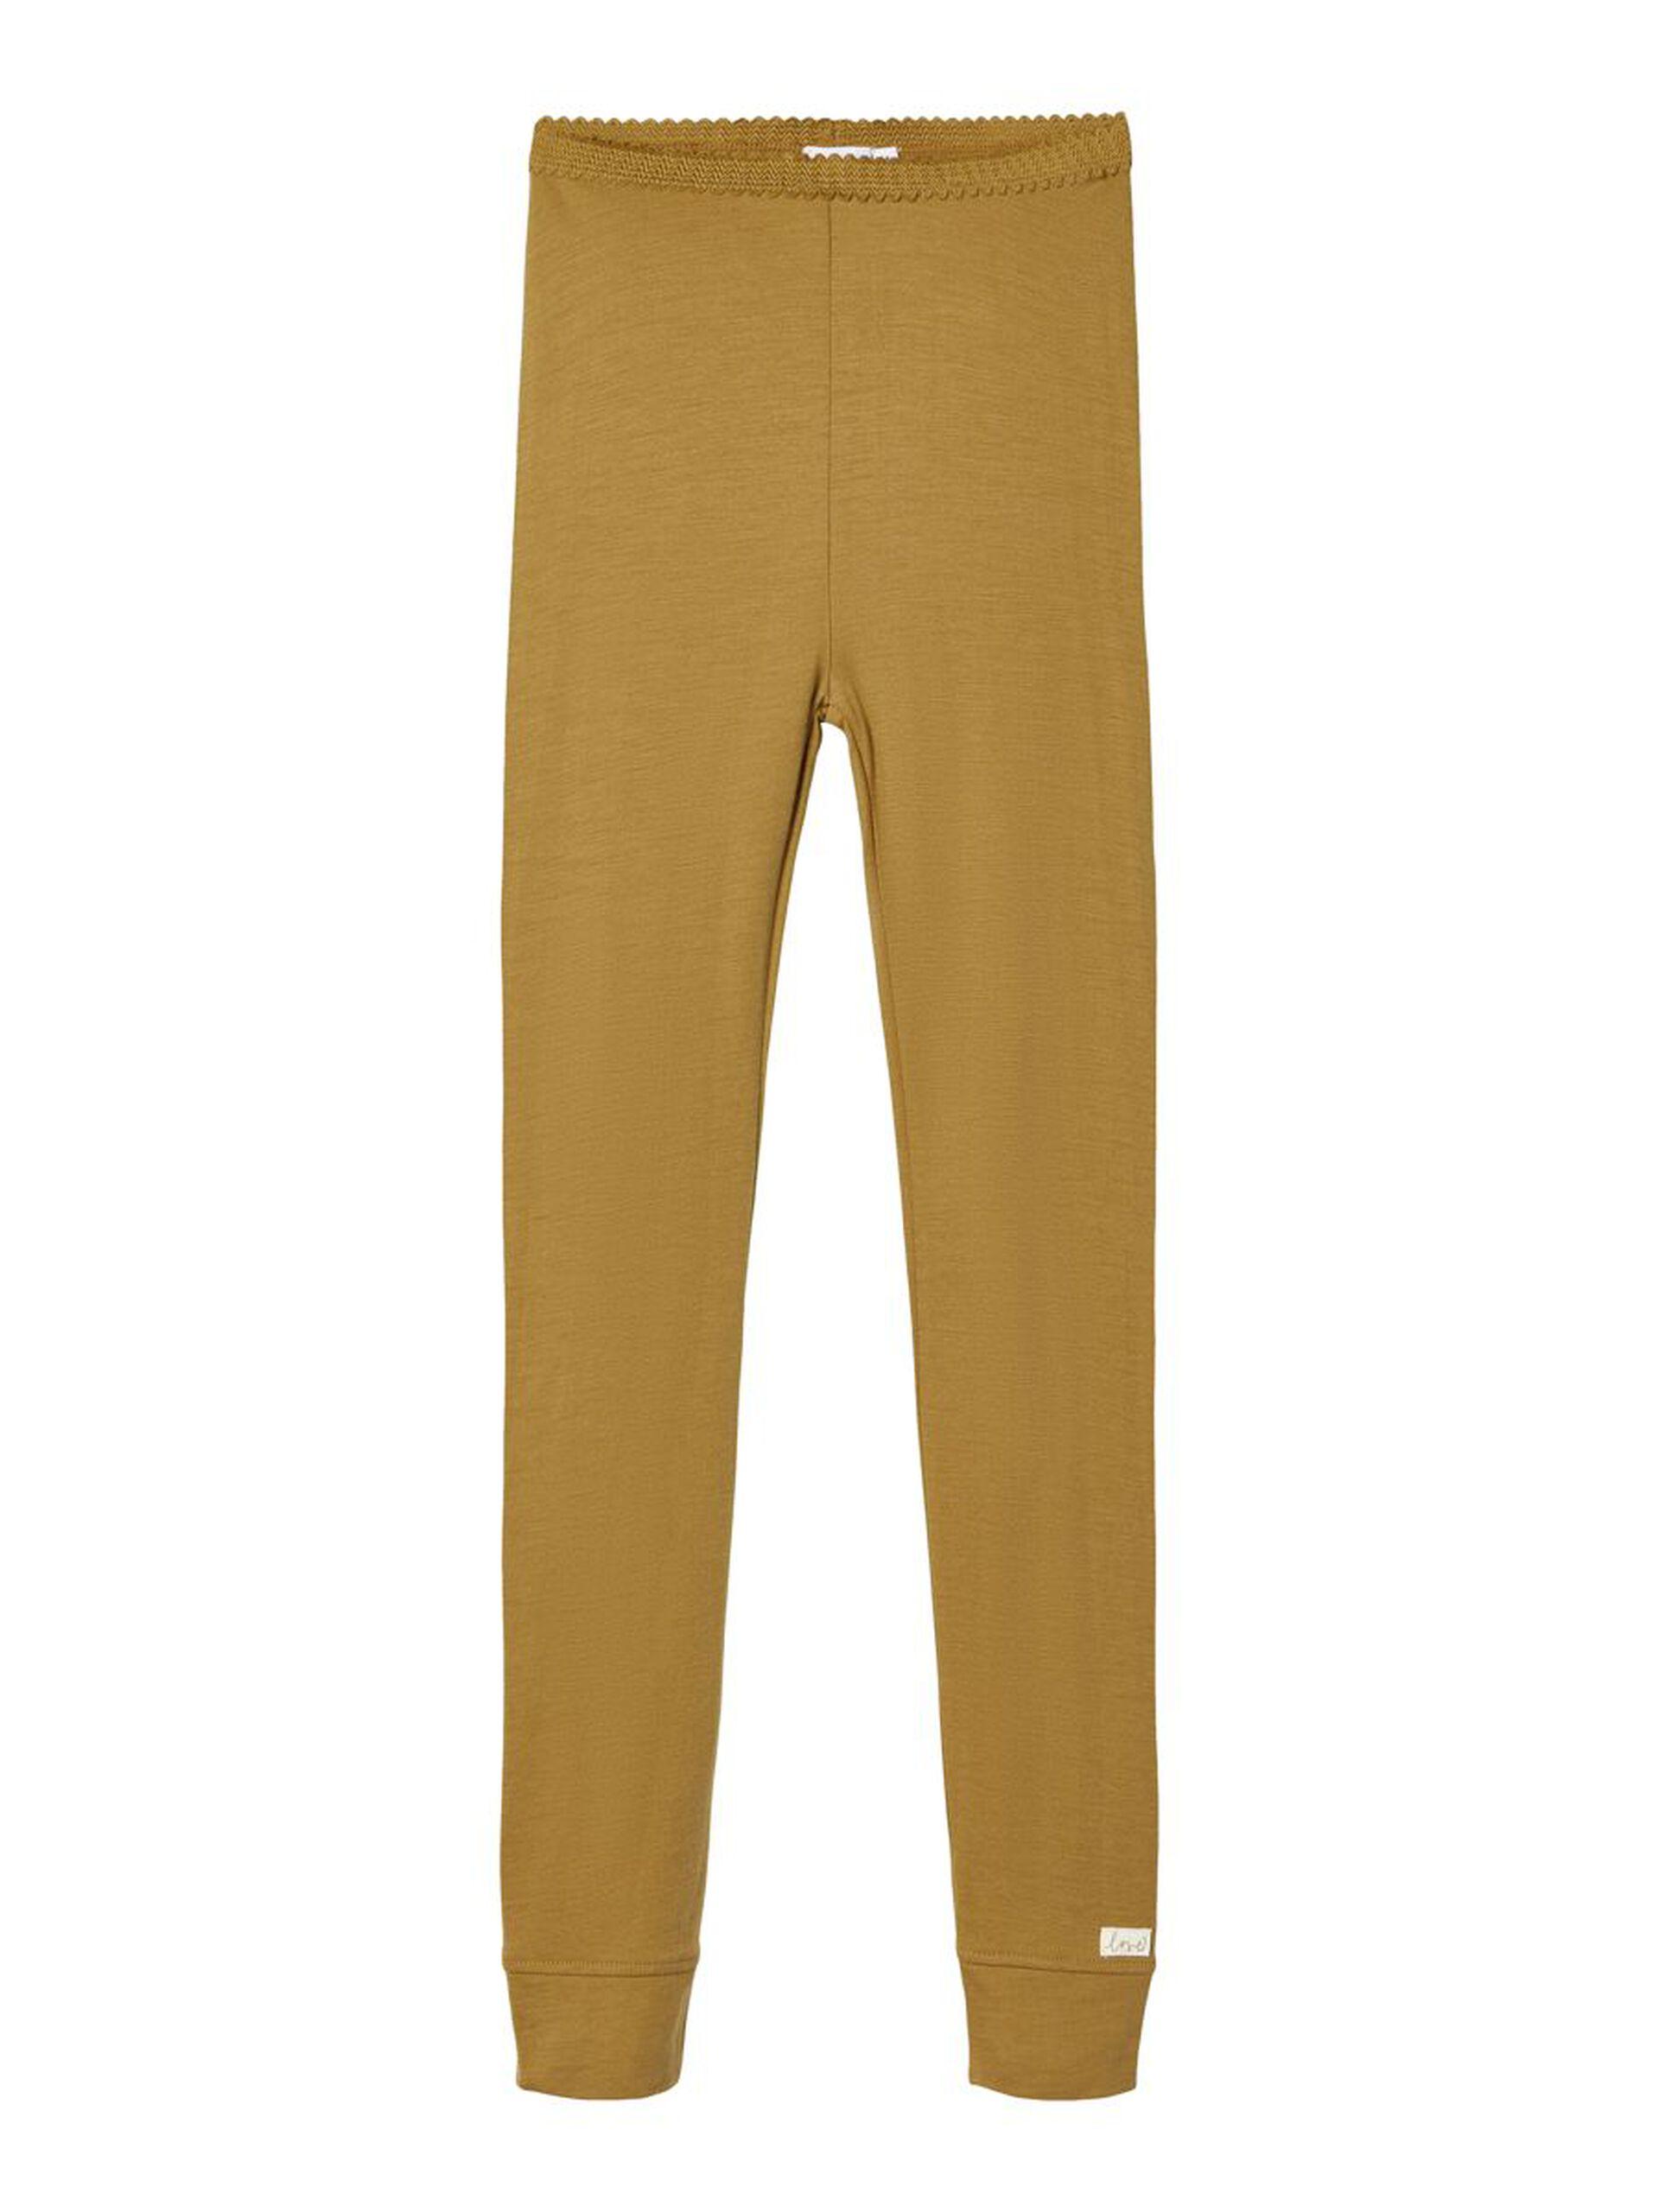 Brun longs ull/viskose – Ull brun longs ull/viskose Wyla – Mio Trend